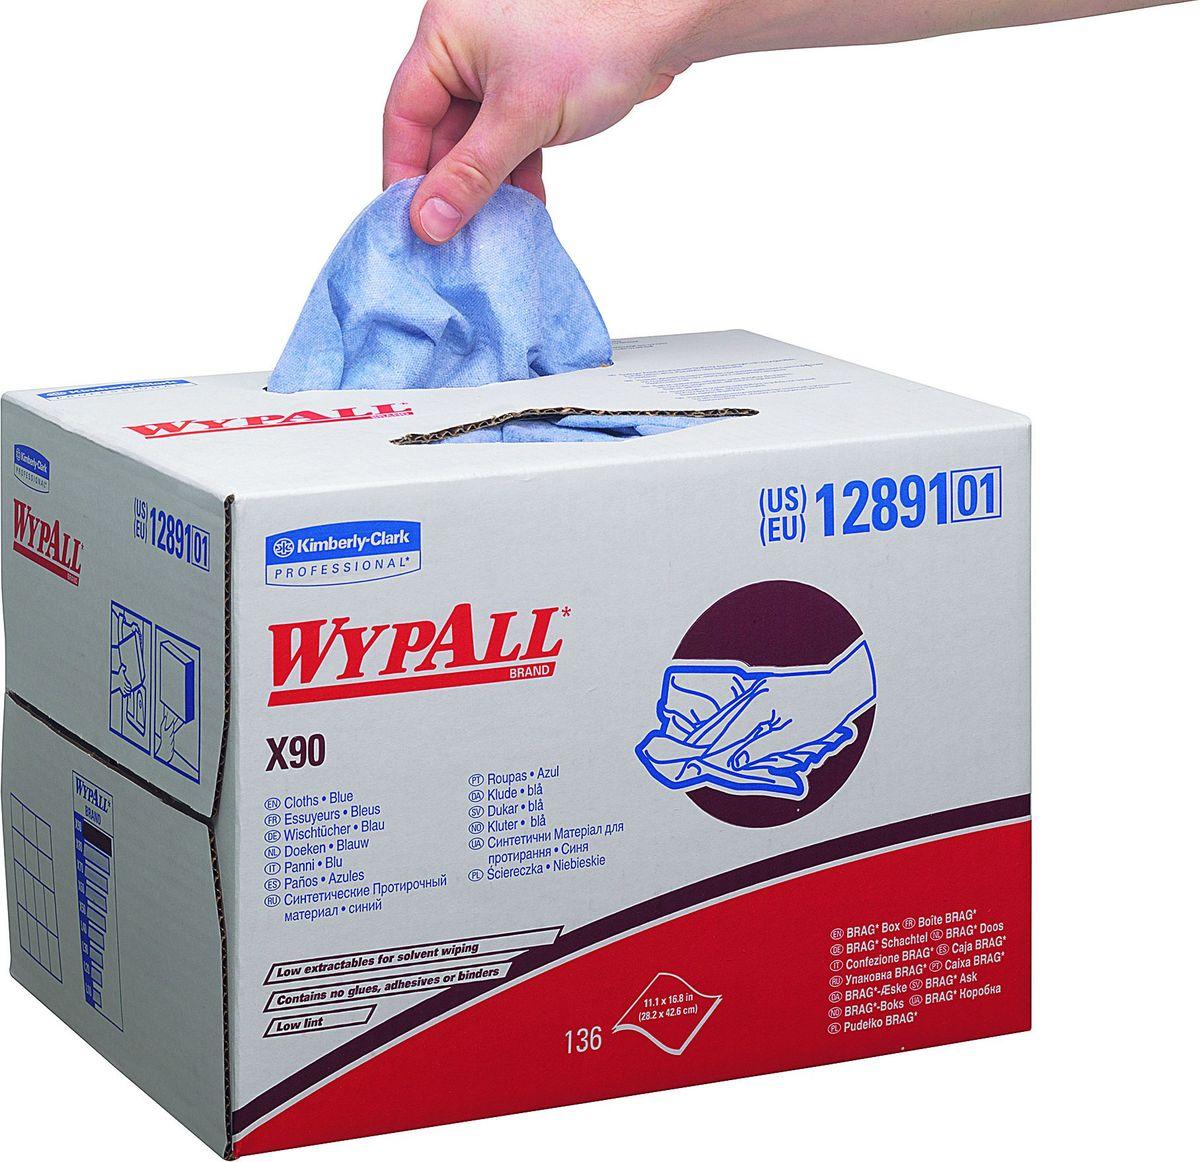 Материал протирочный Wypall Х90, двухслойный, 152 листа. 1289112891Протирочные салфетки для многоразового использования, изготовленные по технологии HYDROKNIT®, обладают отличной впитывающей способностью, долговечностью и прочностью (как в сухом, так и во влажном состоянии), могут использоваться с большинством растворителей, обеспечивают быструю очистку и помогают сократить расходы. Идеальное решение для удаления разливов воды и масел, очистки рук и узлов механизмов от масла, смазки, грязи, растворителей; прецизионная очистка машин и мелких деталей. Формат поставки: в переносной системе - коробке BRAG®, обеспечивающей контролируемый доступ к гигиенически защищенным салфеткам, когда вы убираете или вытираете что-либо на ходу.